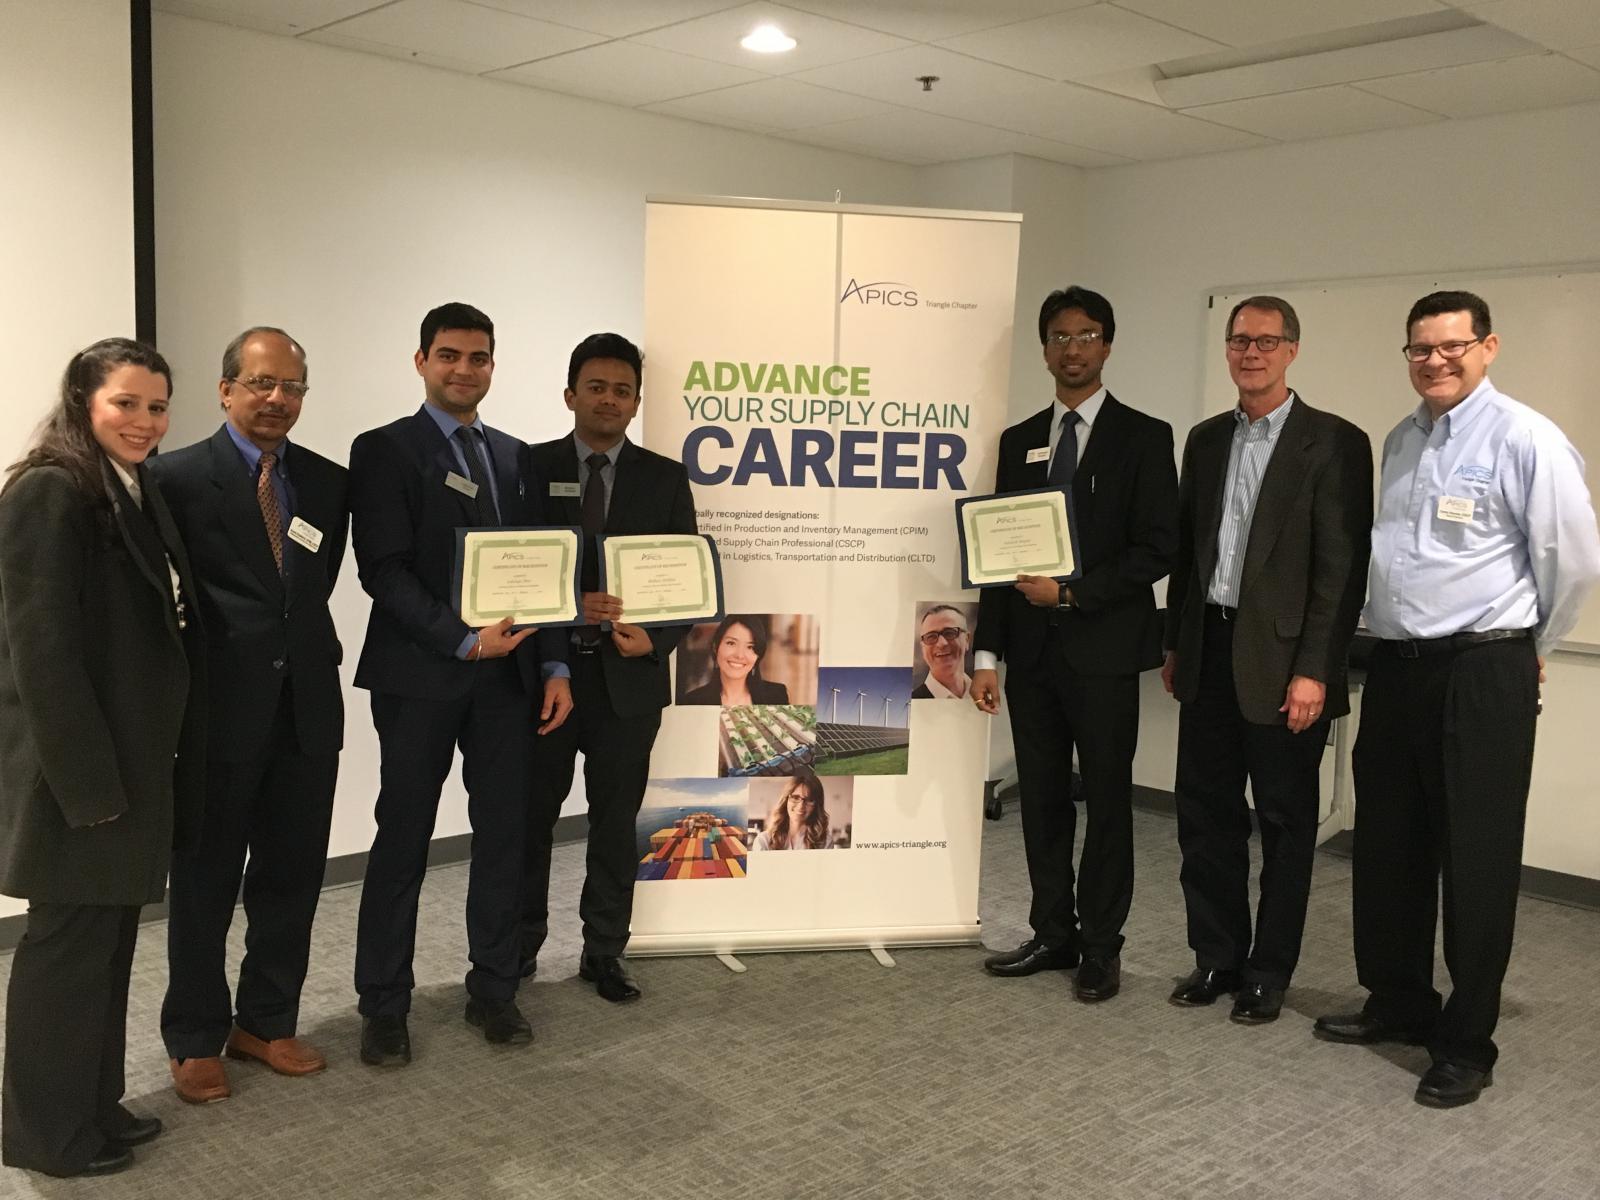 Student Case Competition Participants